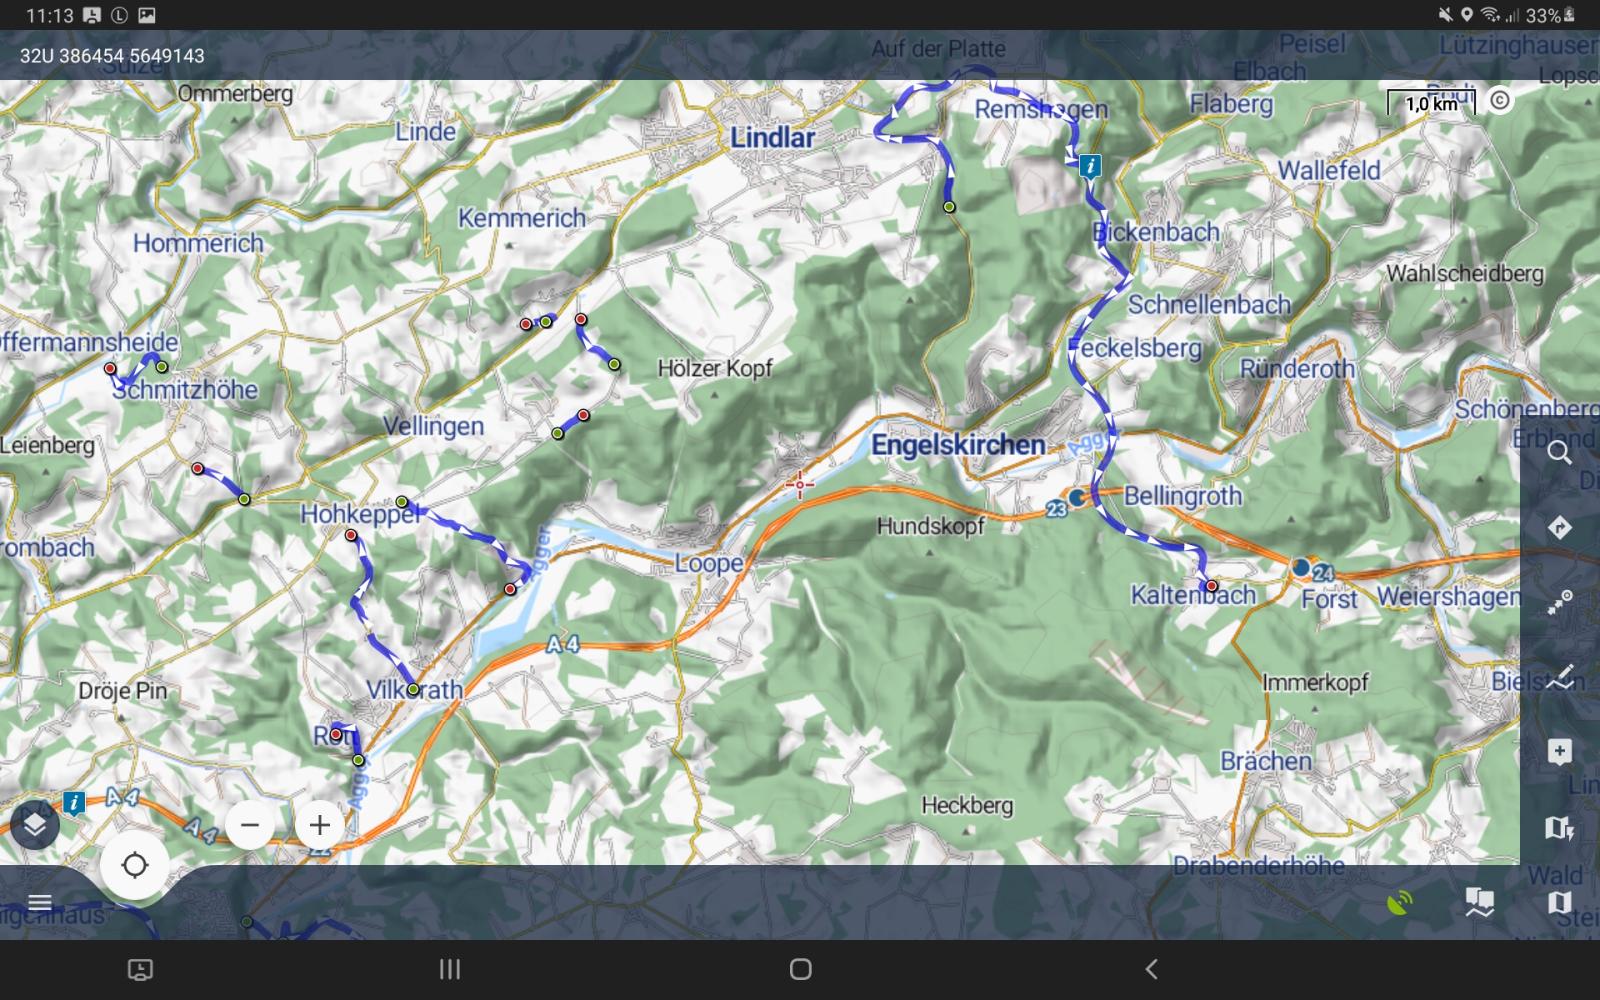 Die neue Oberfläche von Locus Map 4.